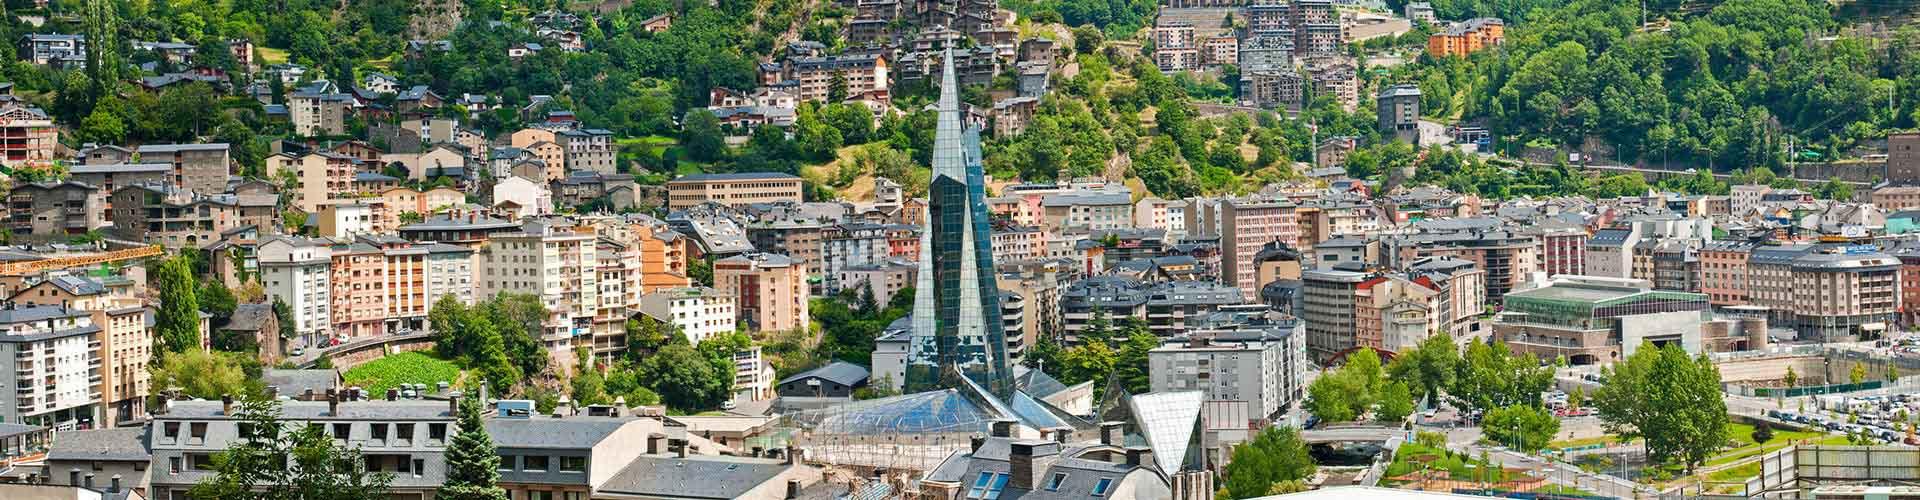 Andorra la Vella - Ifjúsági Szállások Andorra la Vellaben. Andorra la Vella térképek, fotók és ajánlások minden egyes ifjúsági szállásokra Andorra la Vella-ben.